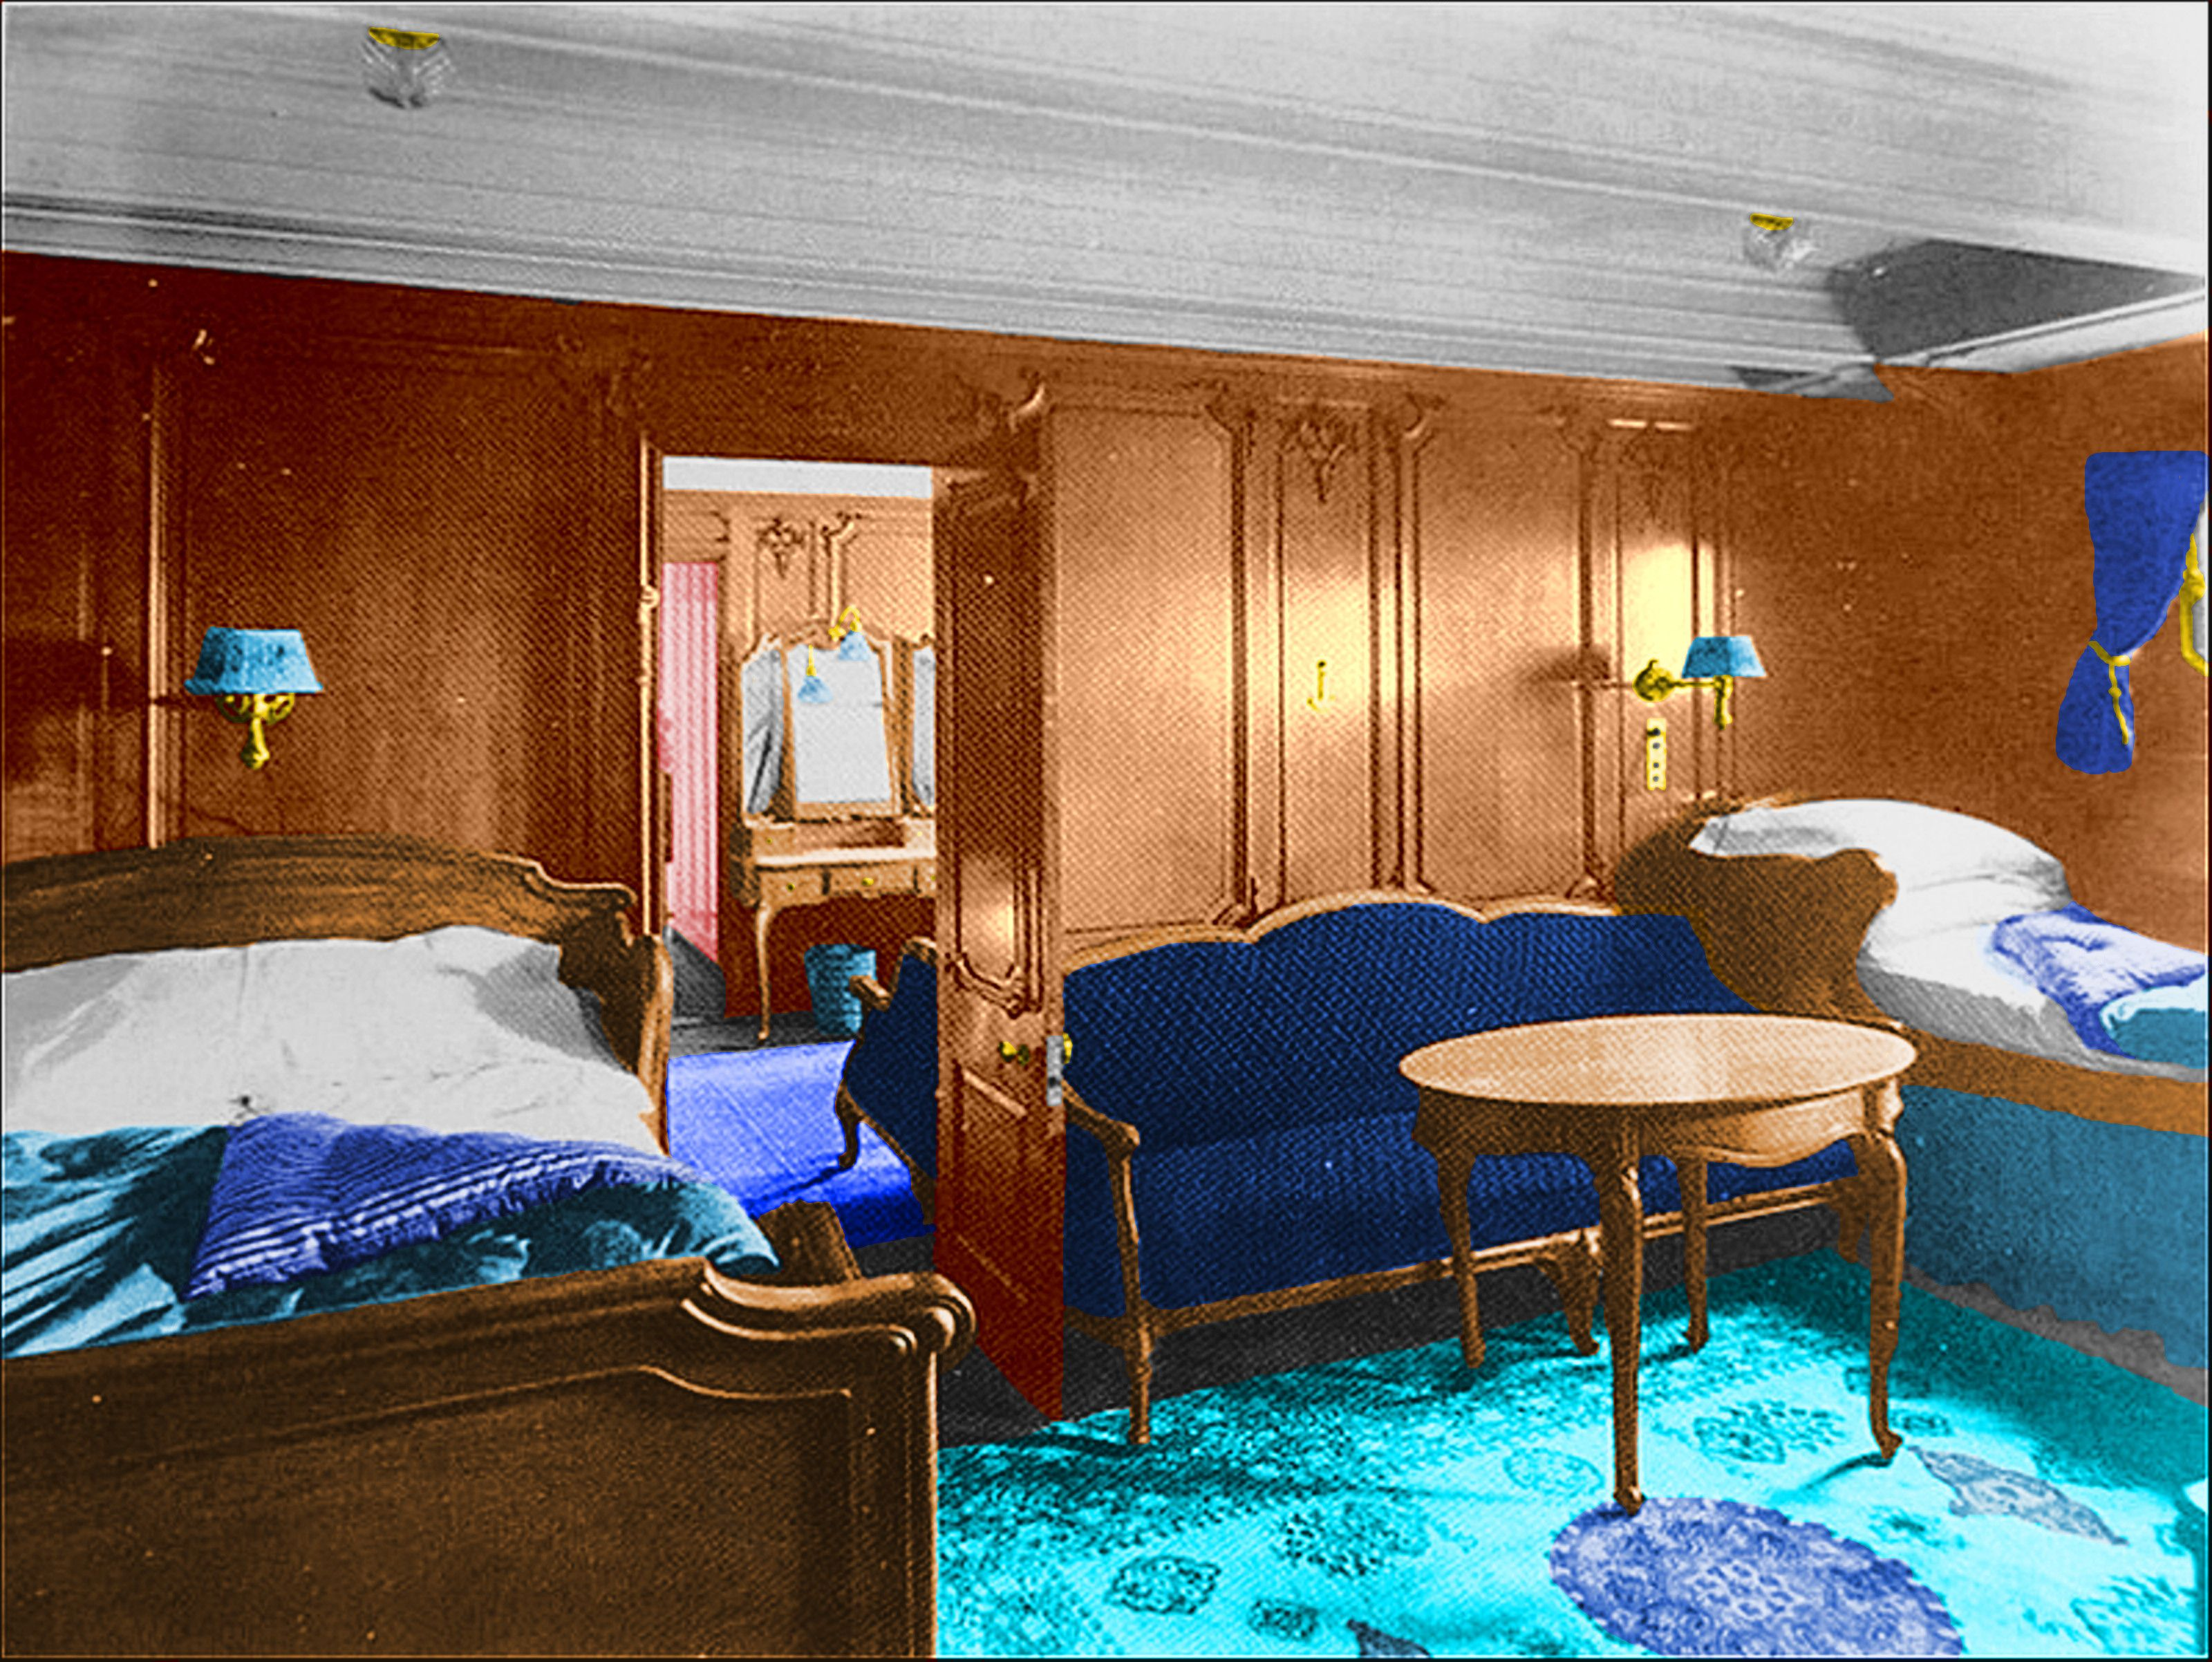 Pin De Adrian Leon Em Britanic Olympic Titanic Interiores Decoracao De Interiores Cabines